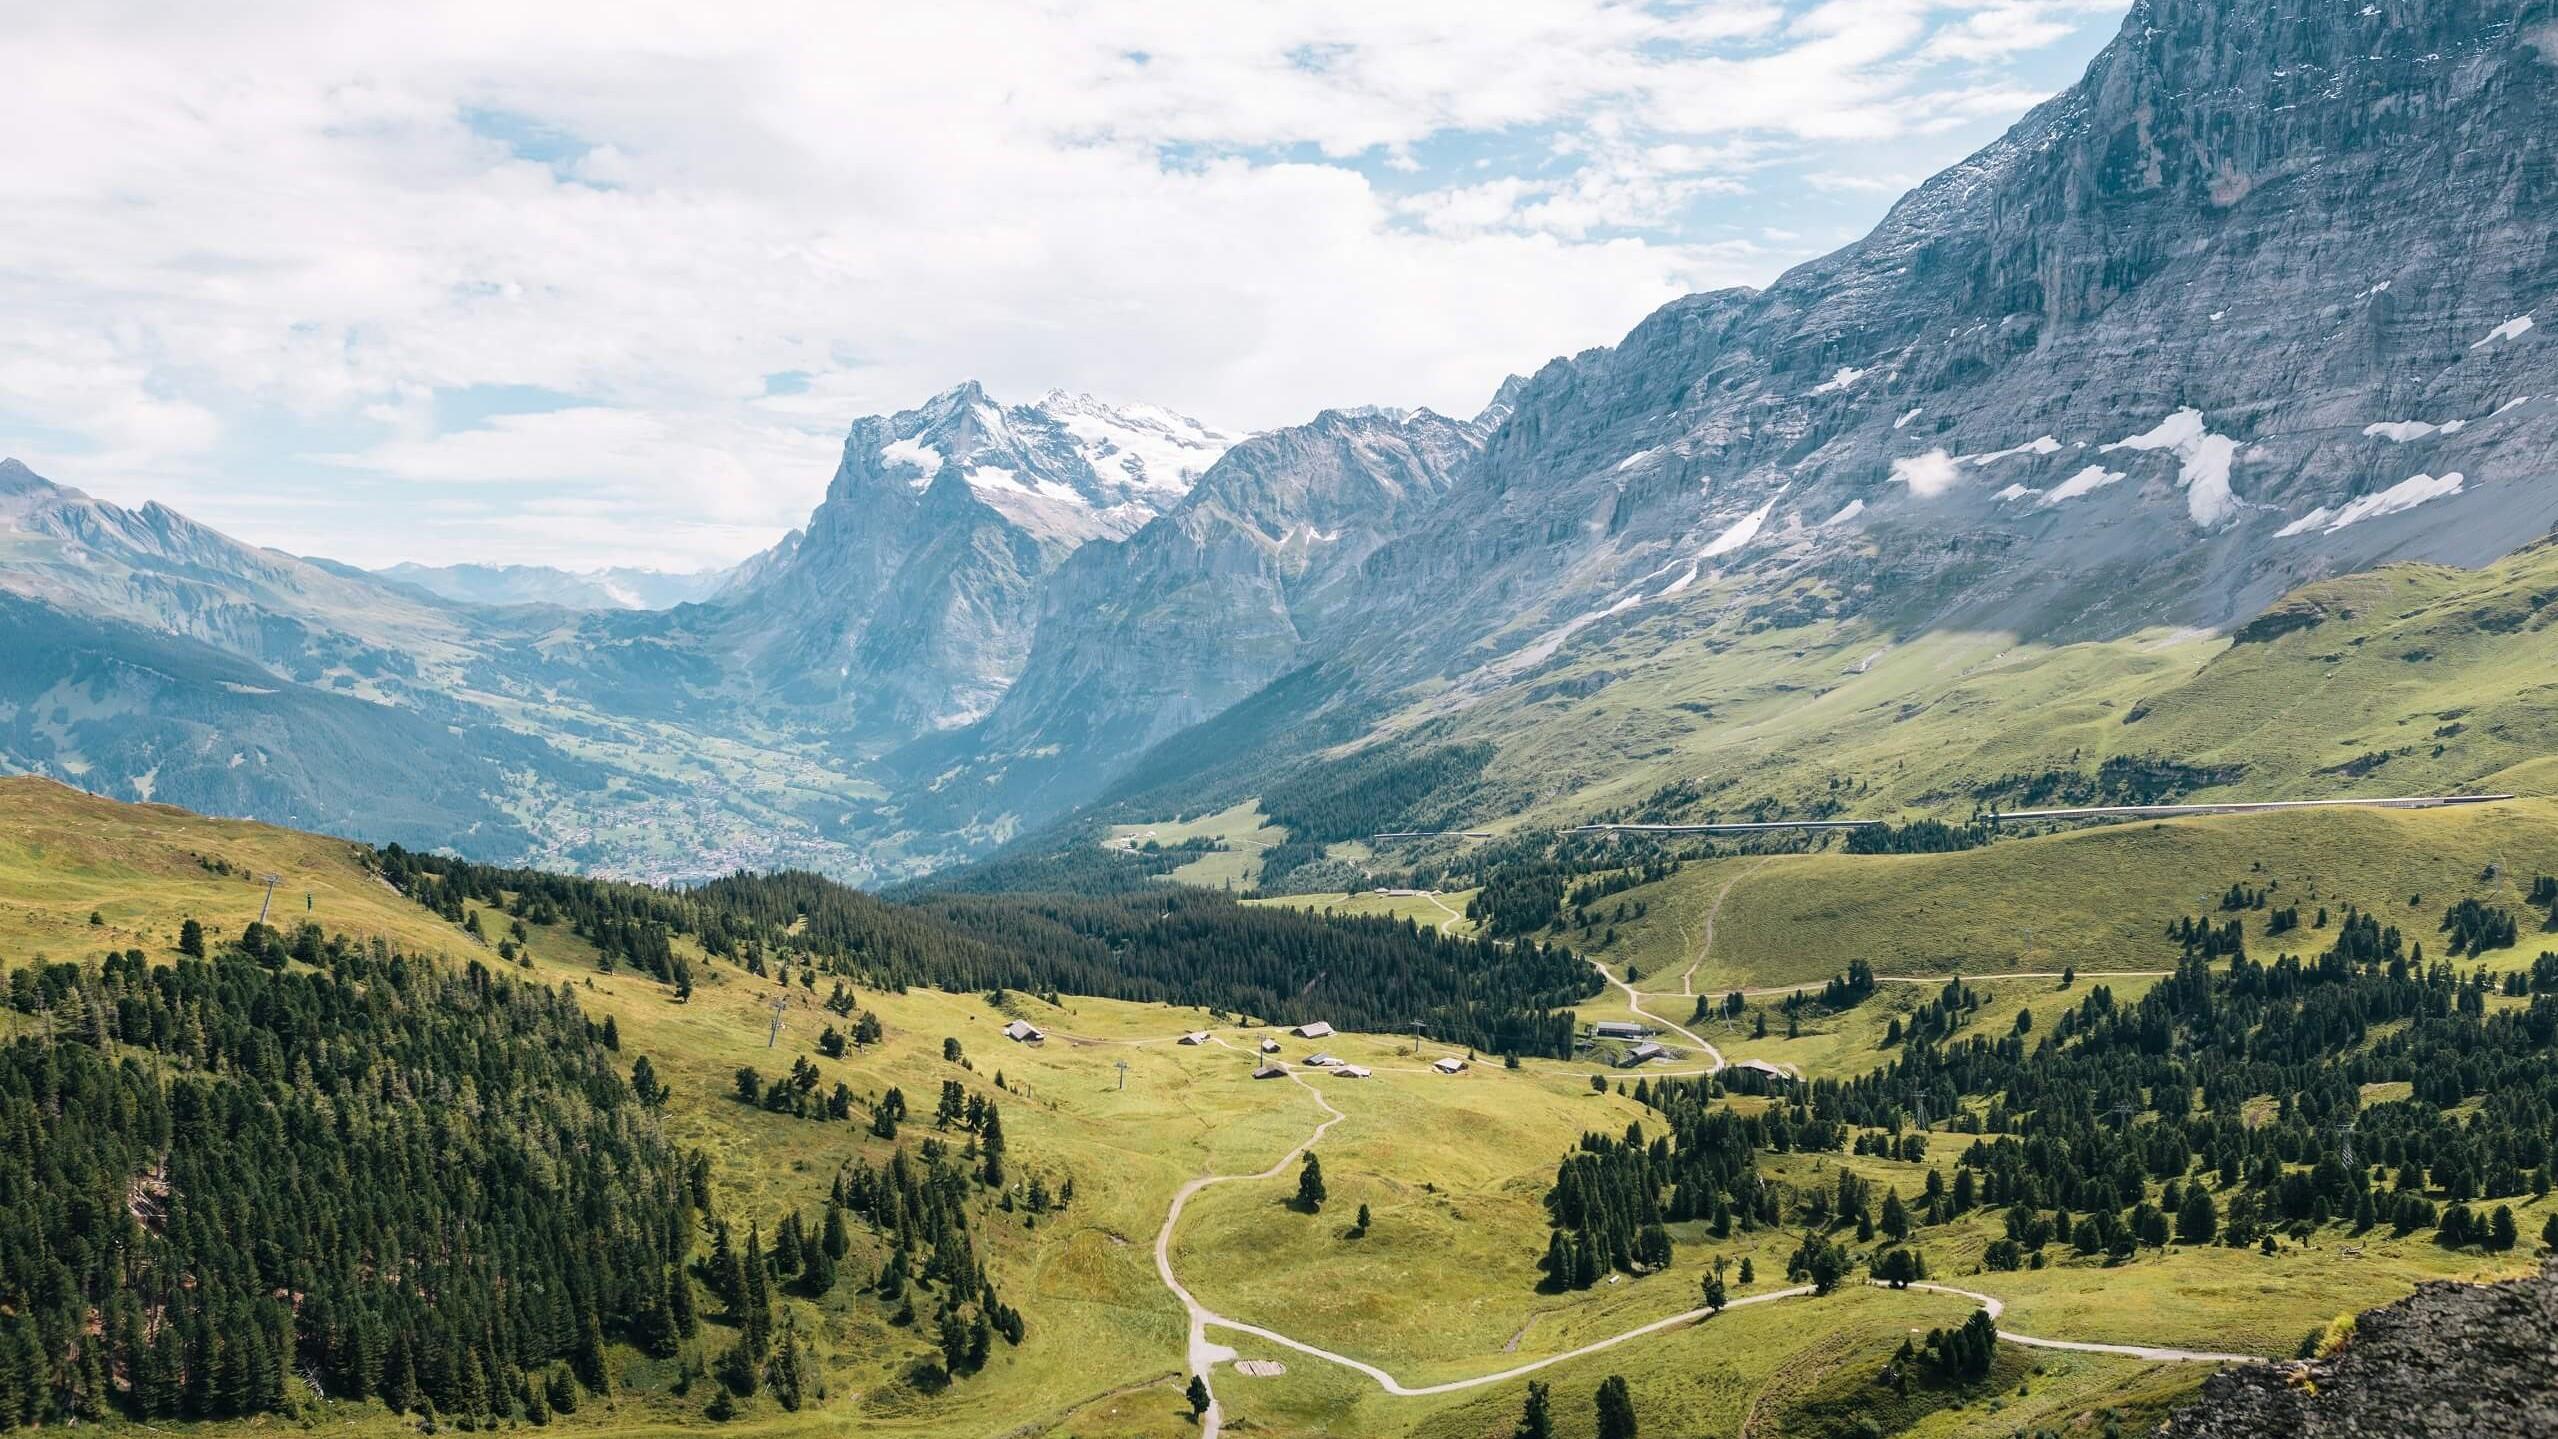 6 traumhafte Hüttenwanderungen in den Alpen